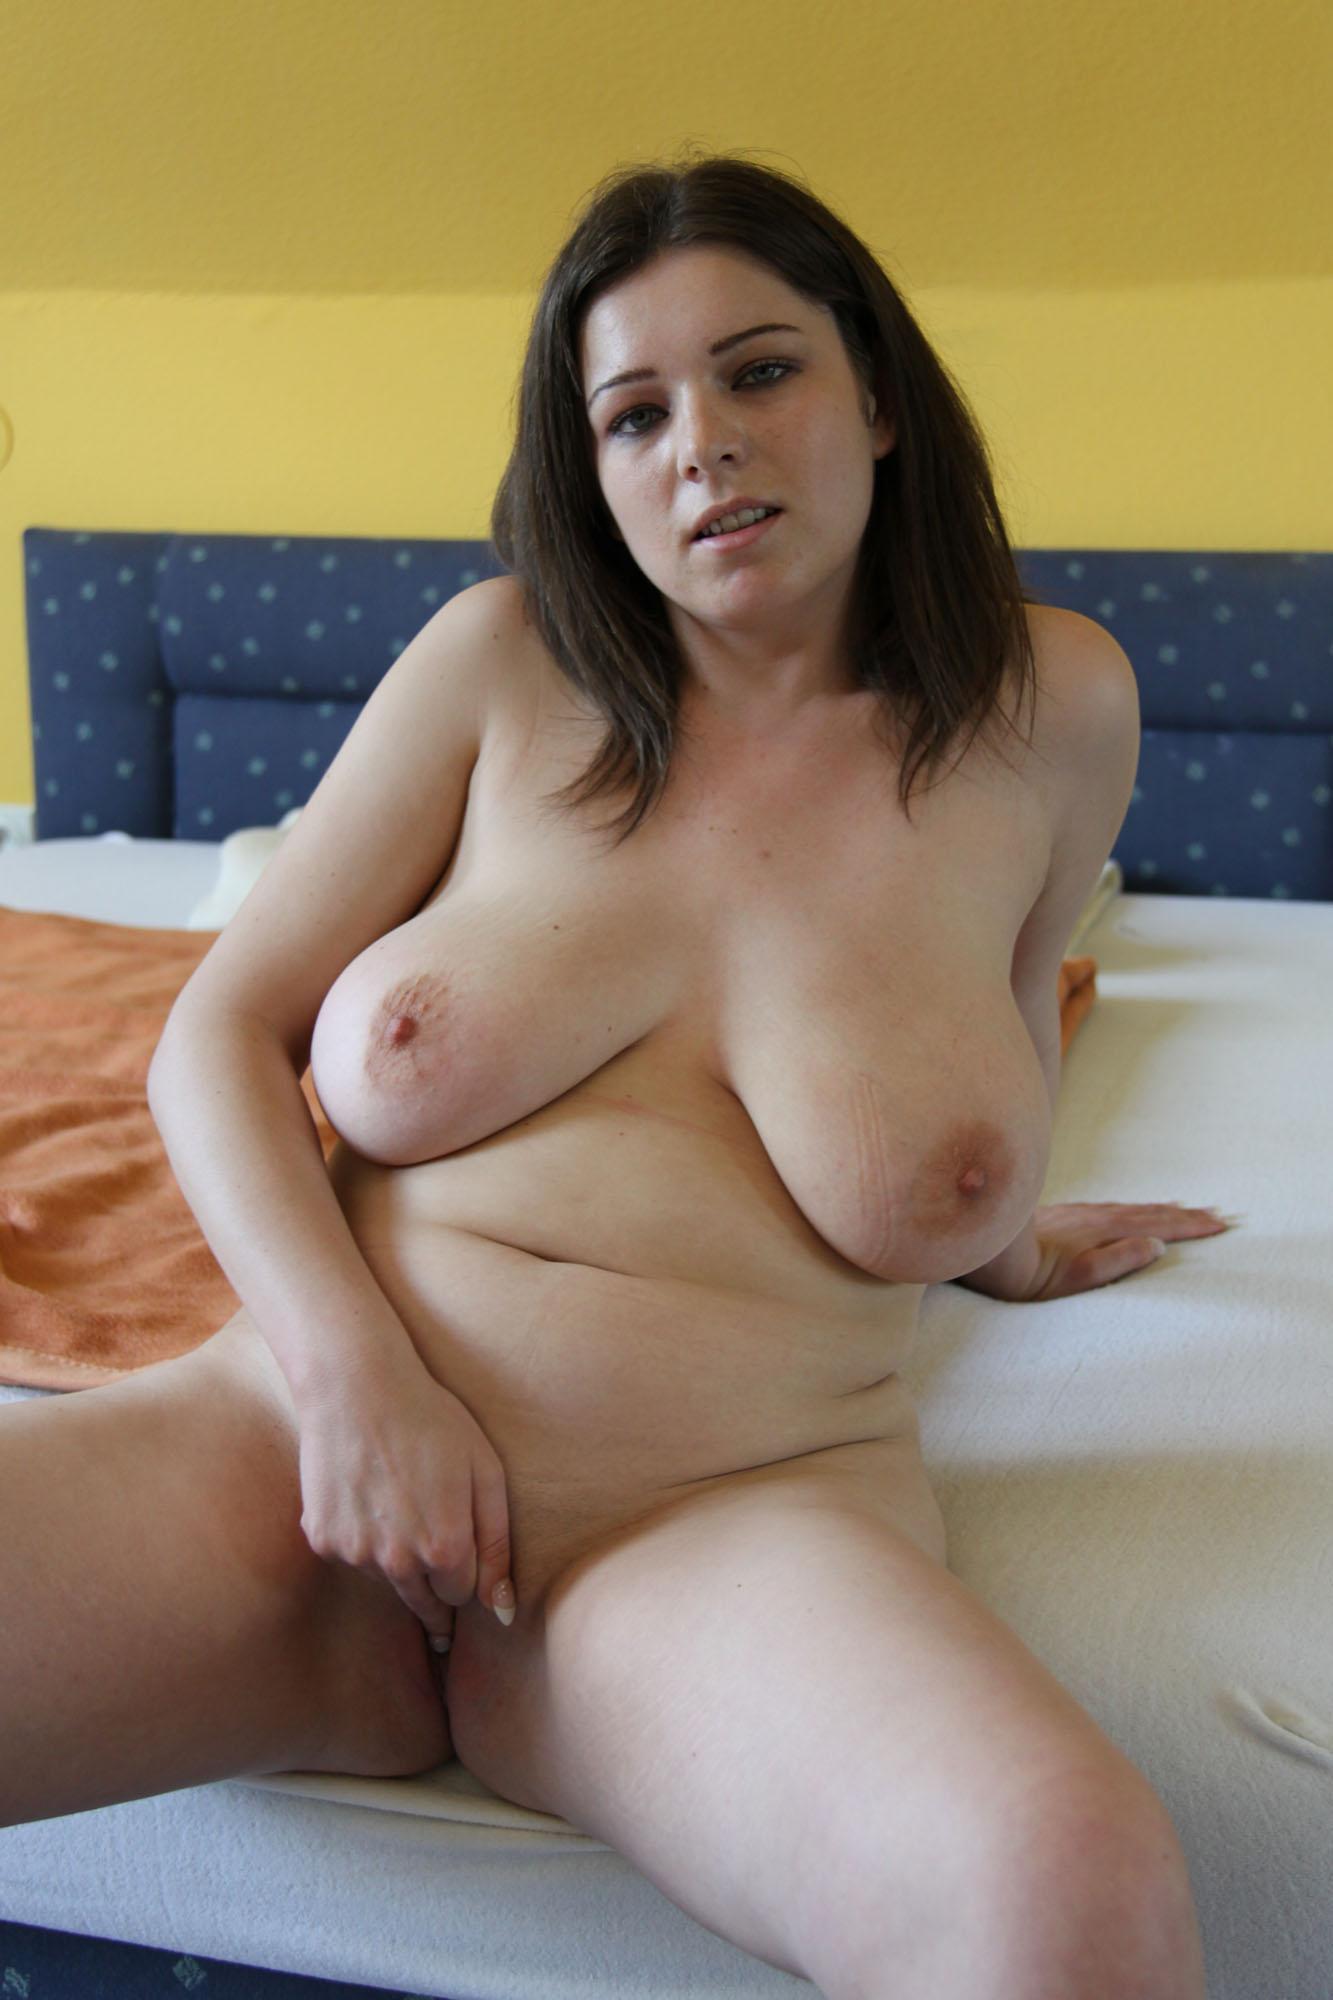 bbw naked piercings -